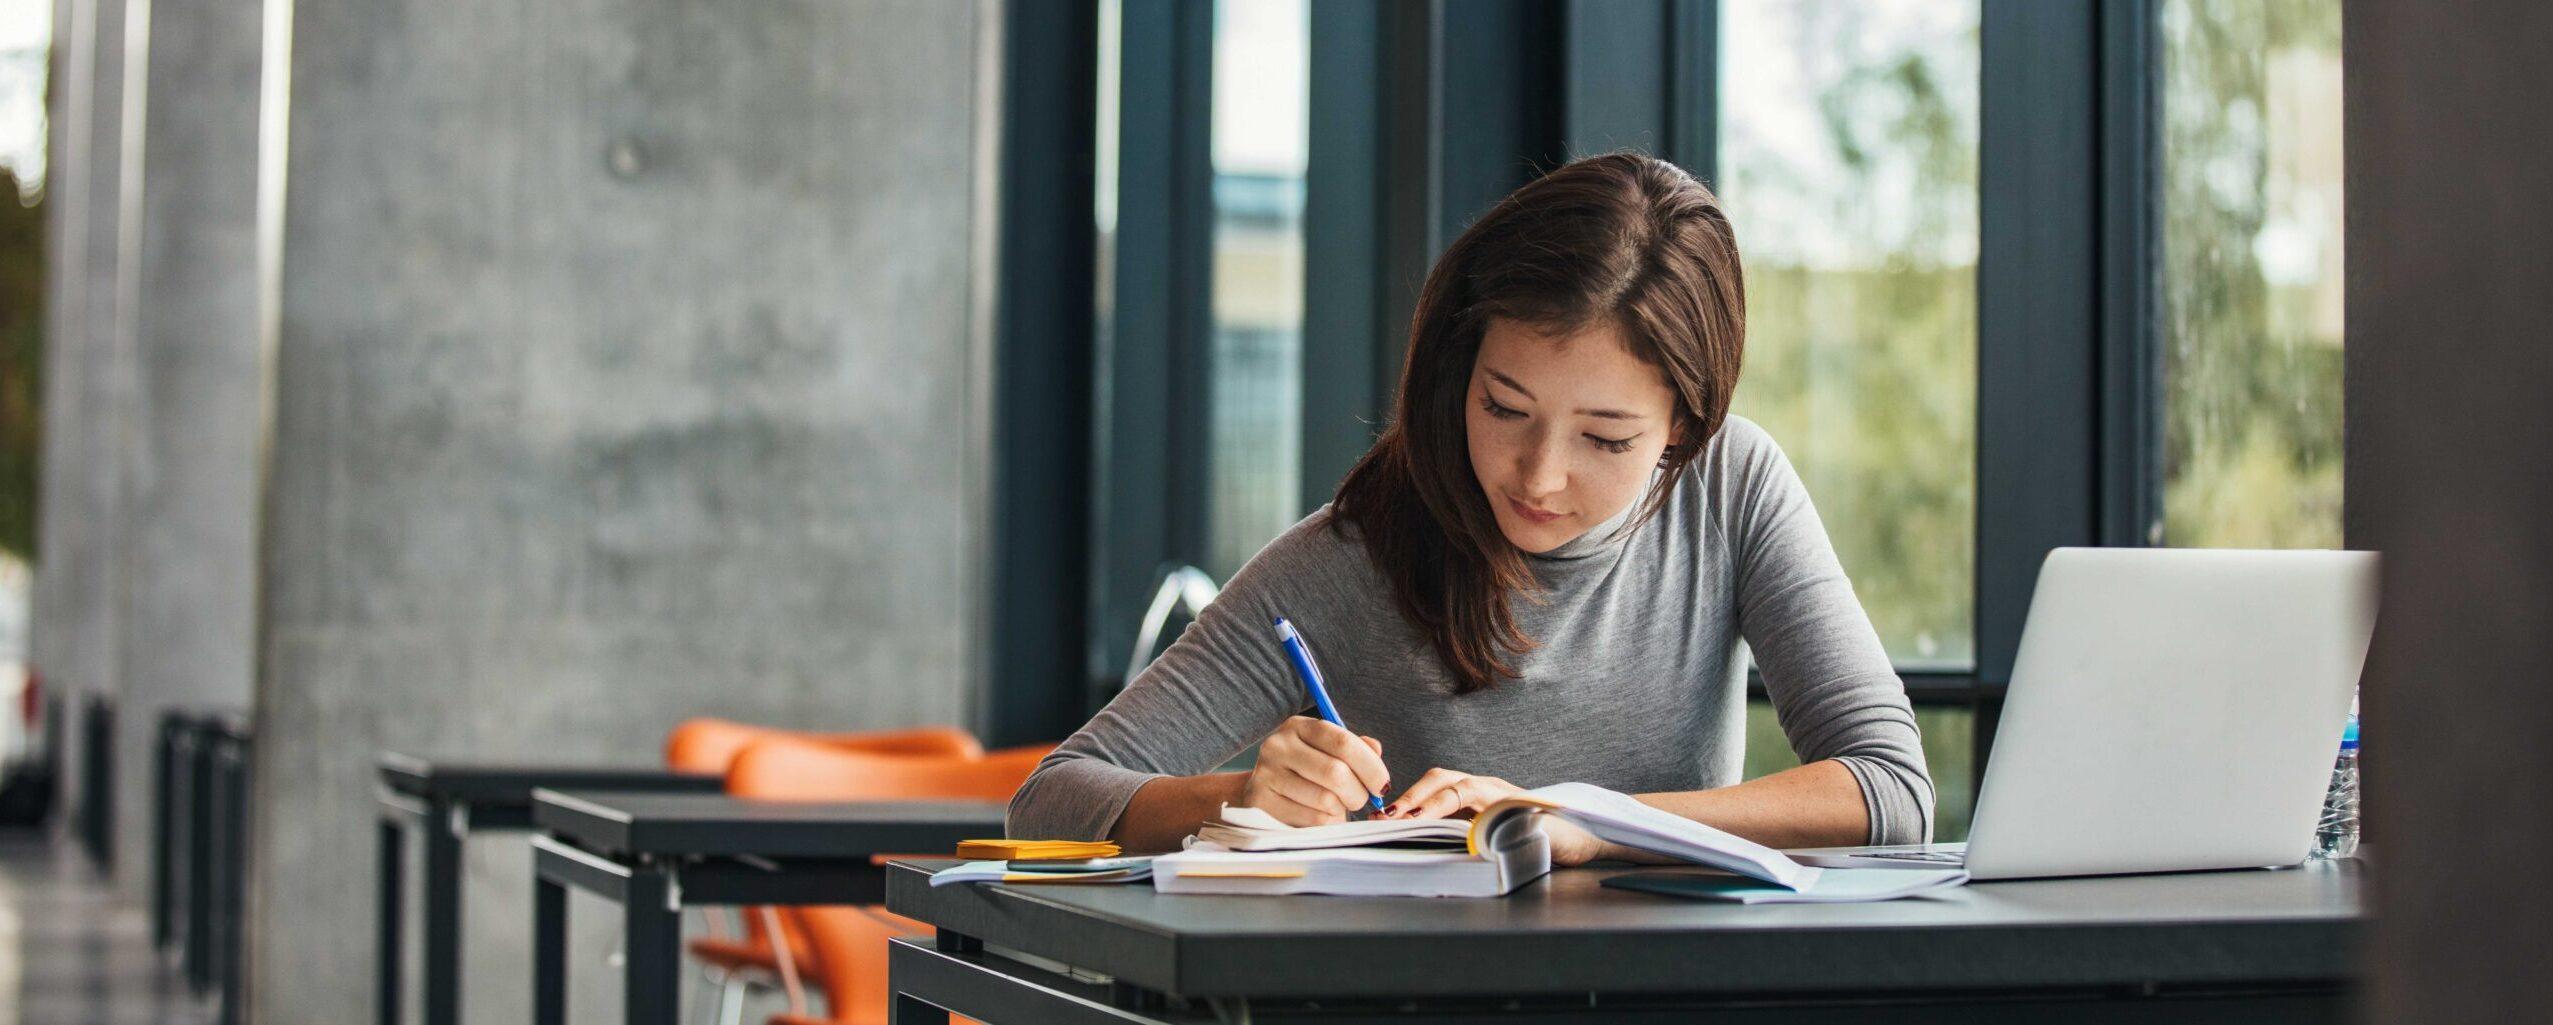 De stage wenslijst van studenten: 12 dingen die ze belangrijk vinden bij het kiezen van hun stageplaats